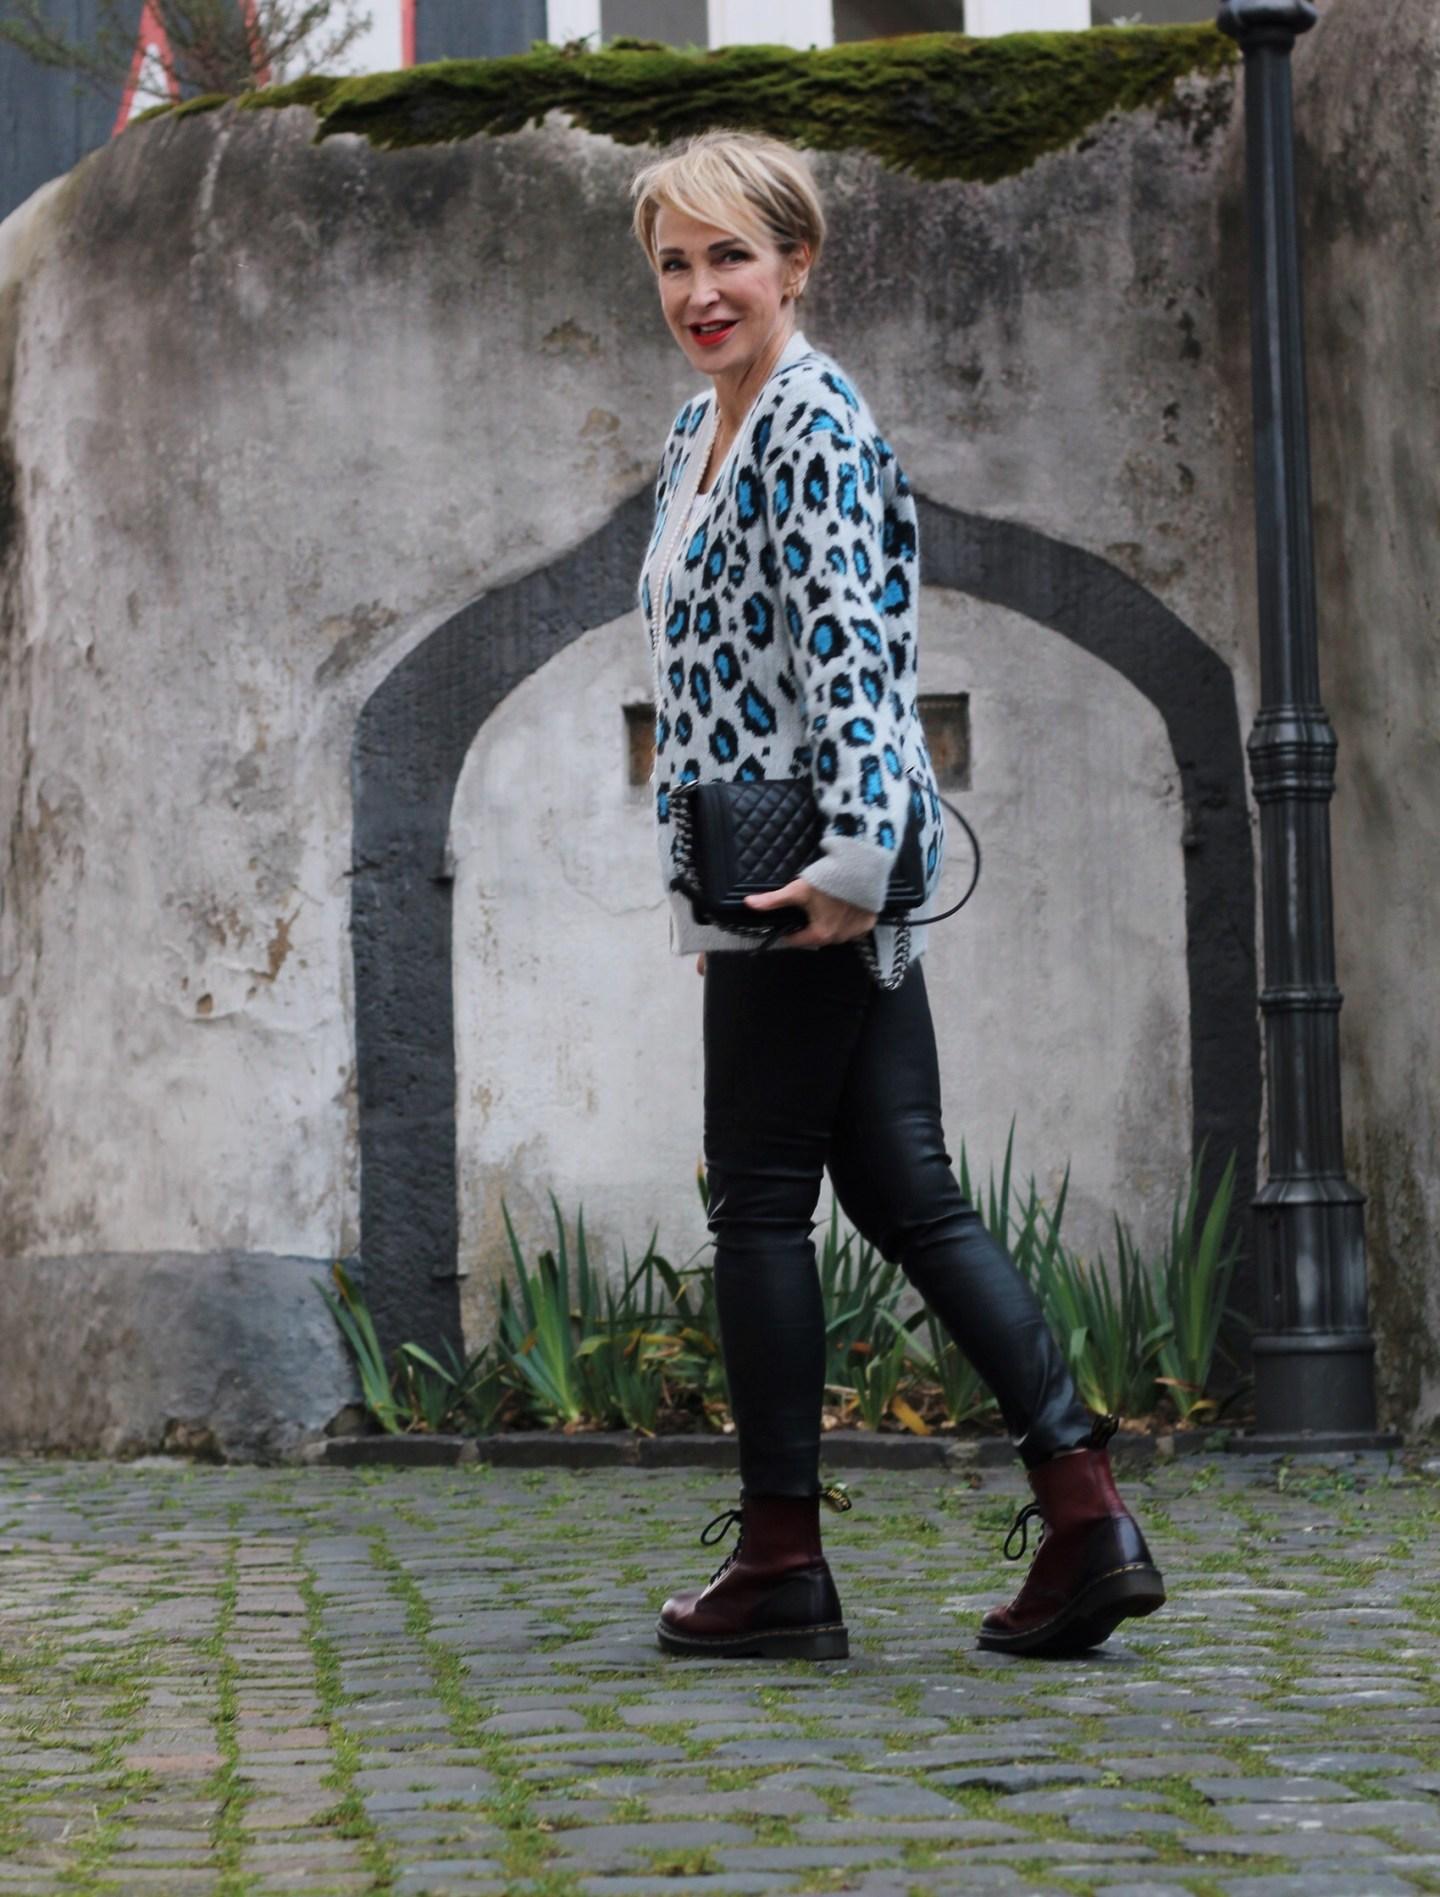 glamupyourlifestyle stil deutsche Frauen ue-40-mode ue-50-blog